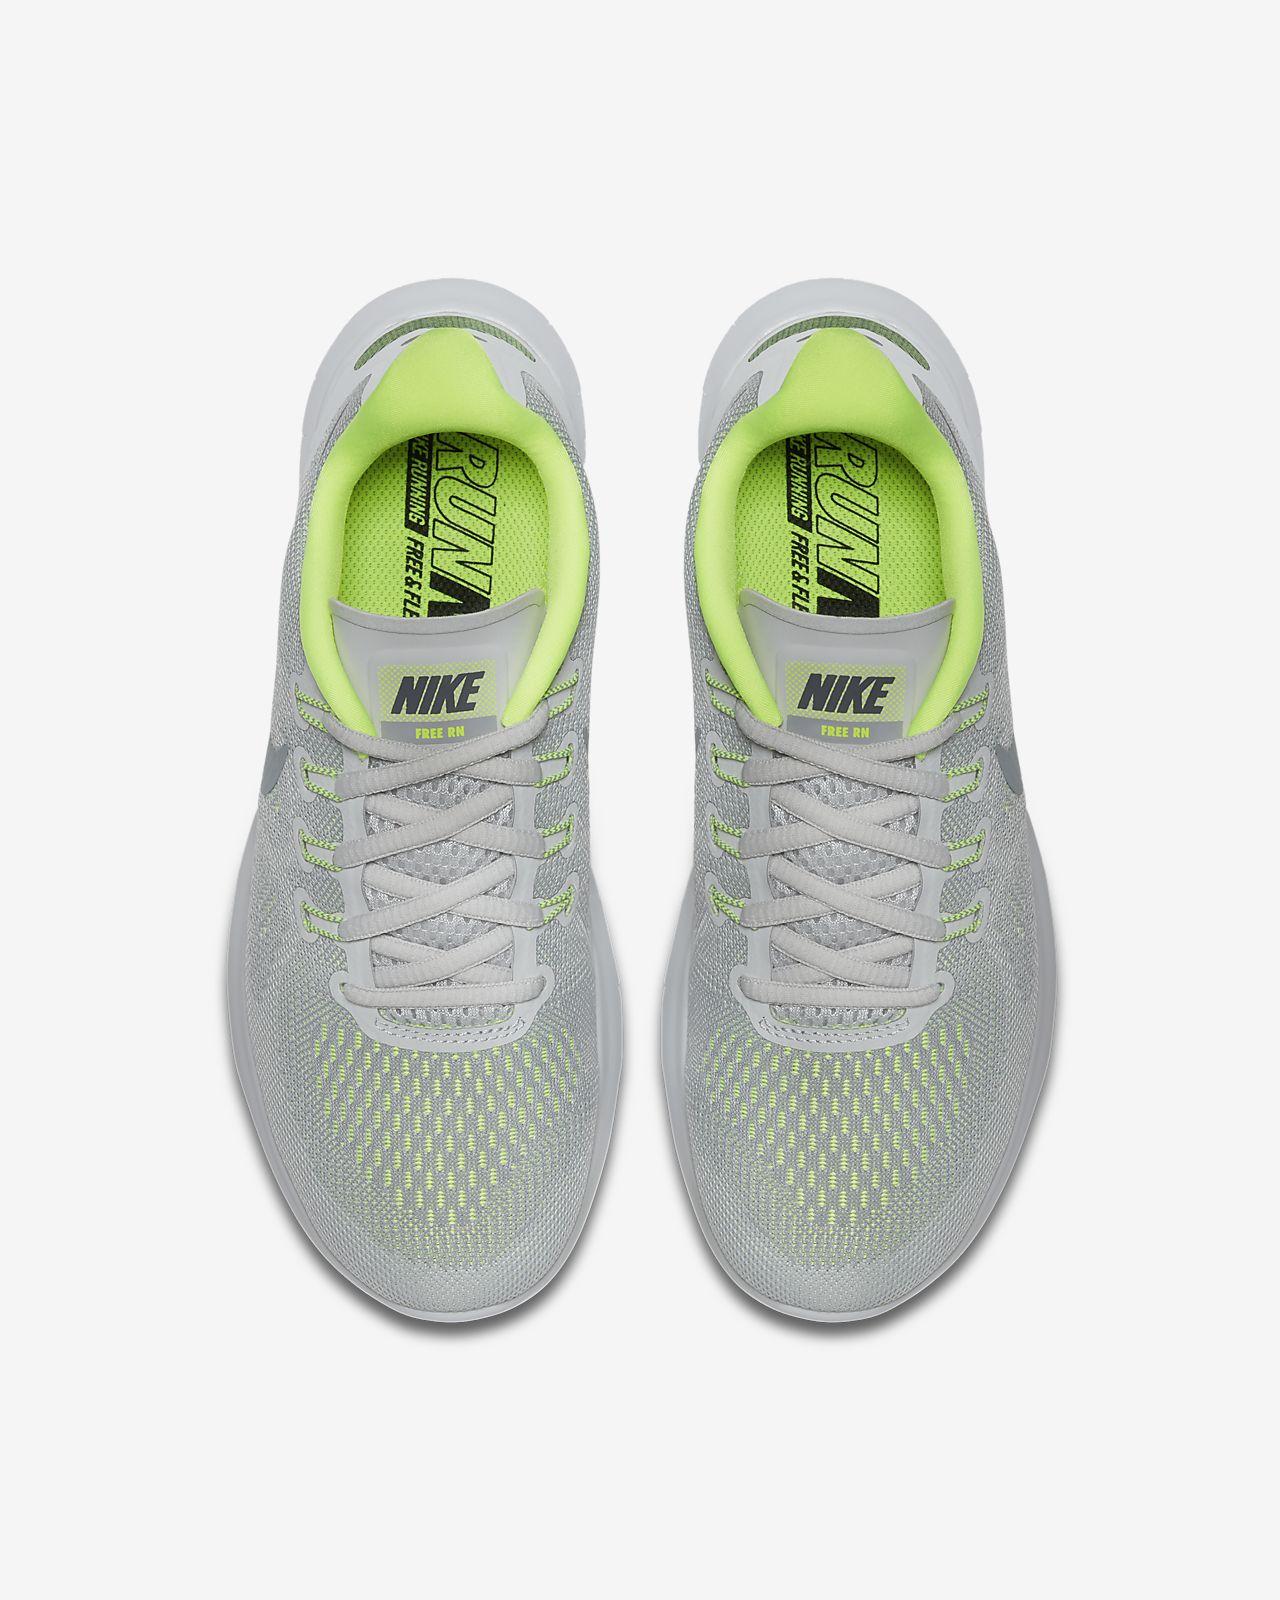 2017 41 Cmtr Eu Free Gris Rn De Chaussures Nike Homme Running wqqXOArxg